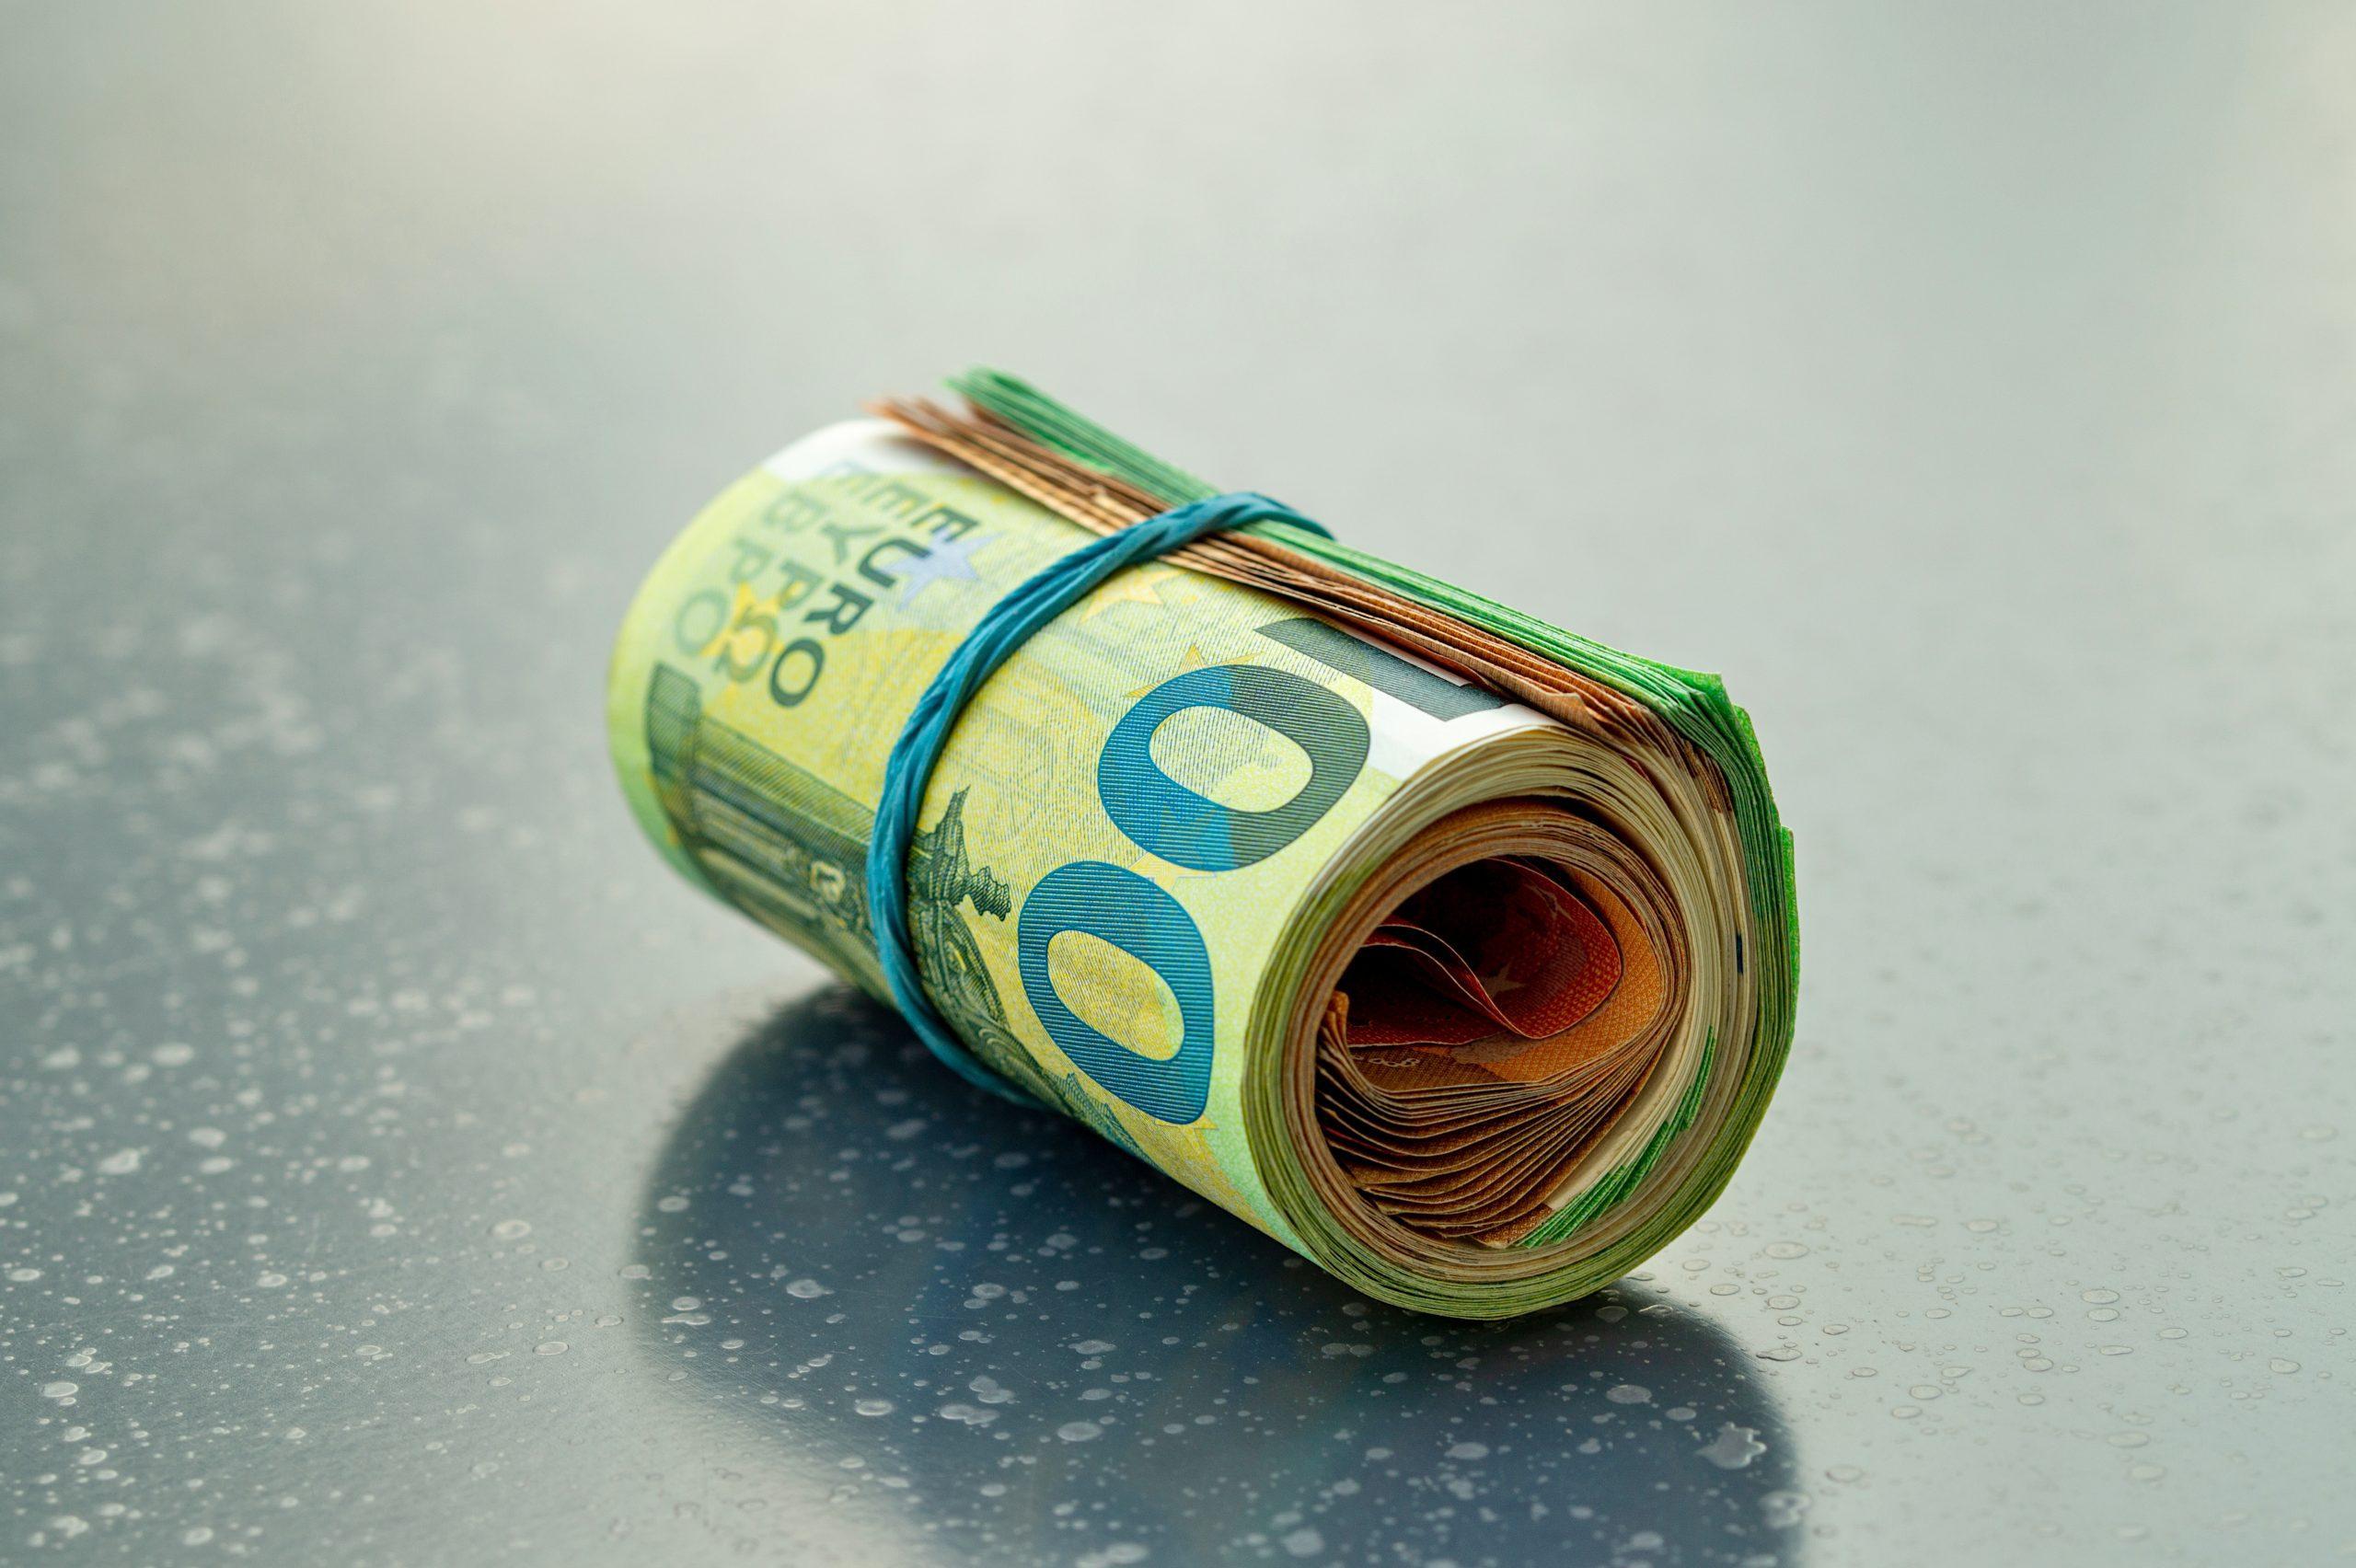 gewinn aus kryptowährung langfristiger kapitalgewinn wie man geld pumpt und krypto entleert